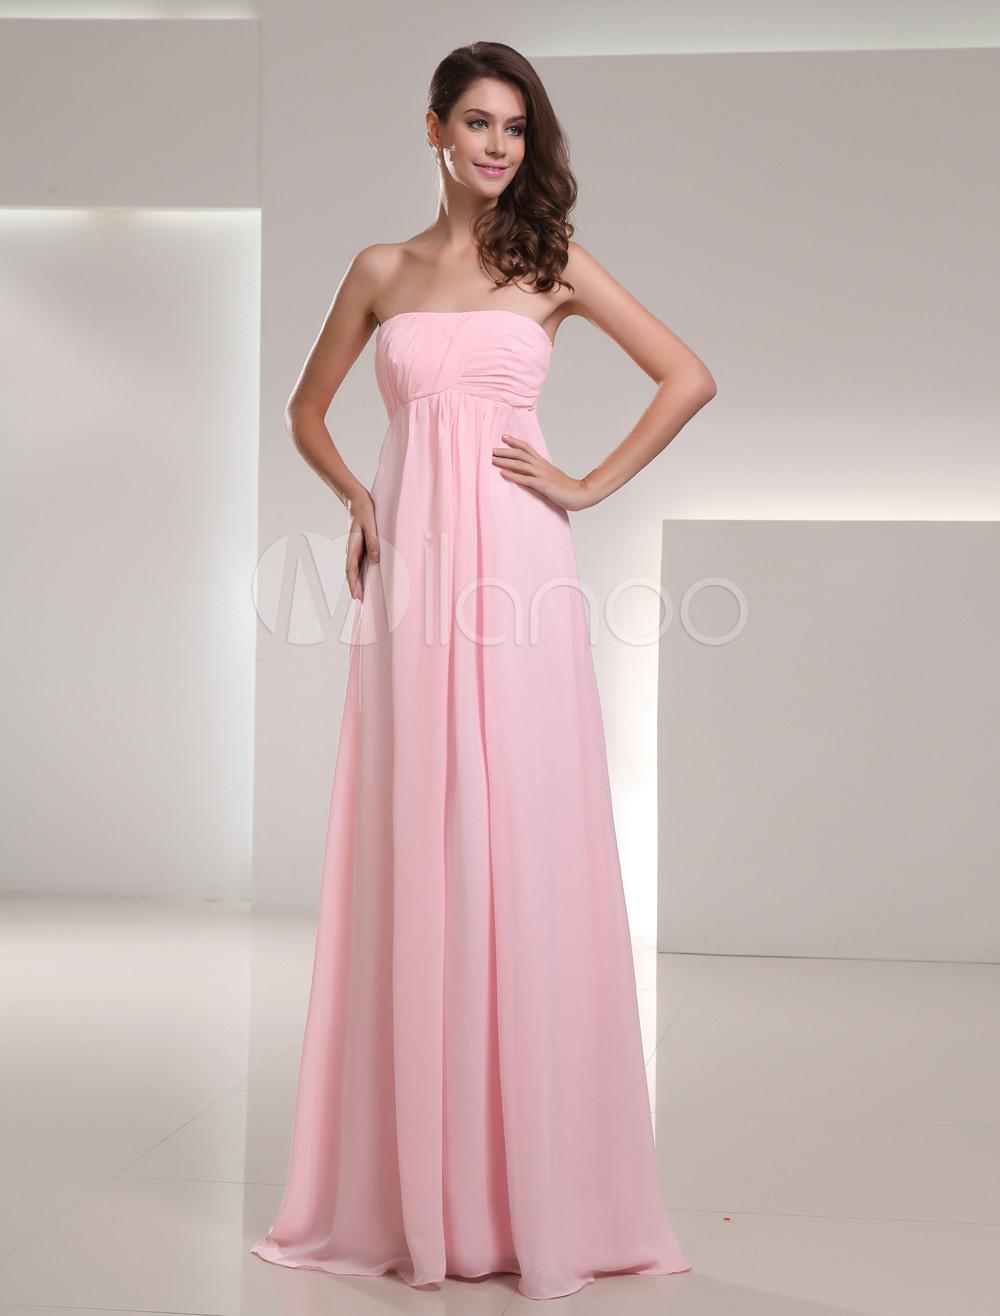 Chiffon Empire-Kleid Für Hochzeit Mit Trägerlosem Design Und Falten In  Rosa, Bodenlang